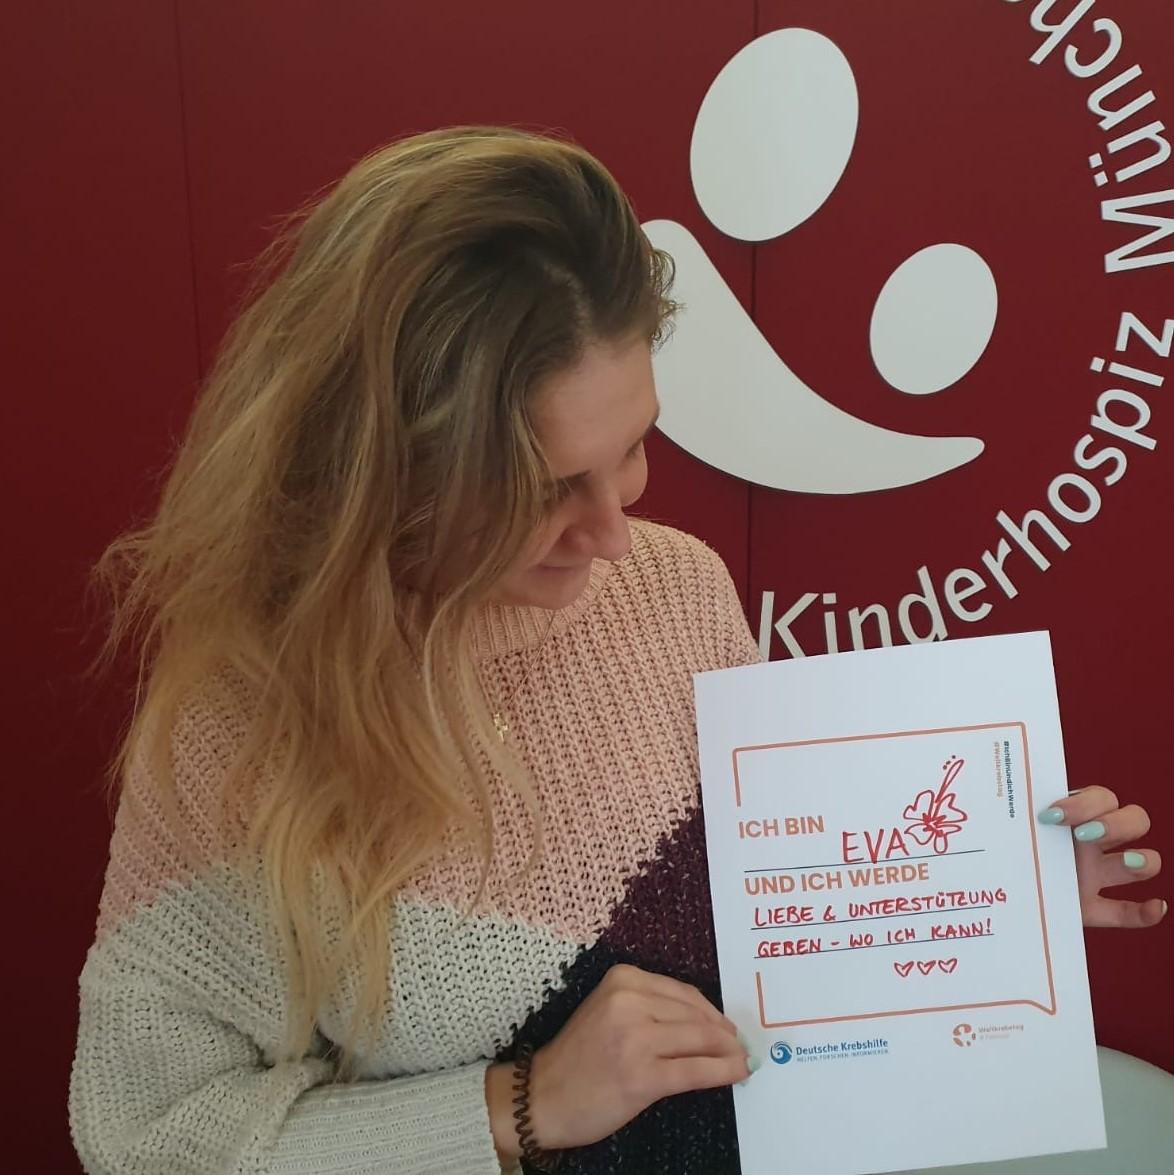 Mitarbeiterin des AKM mit Schild zum Weltkrebstag Ich bin und ich werde